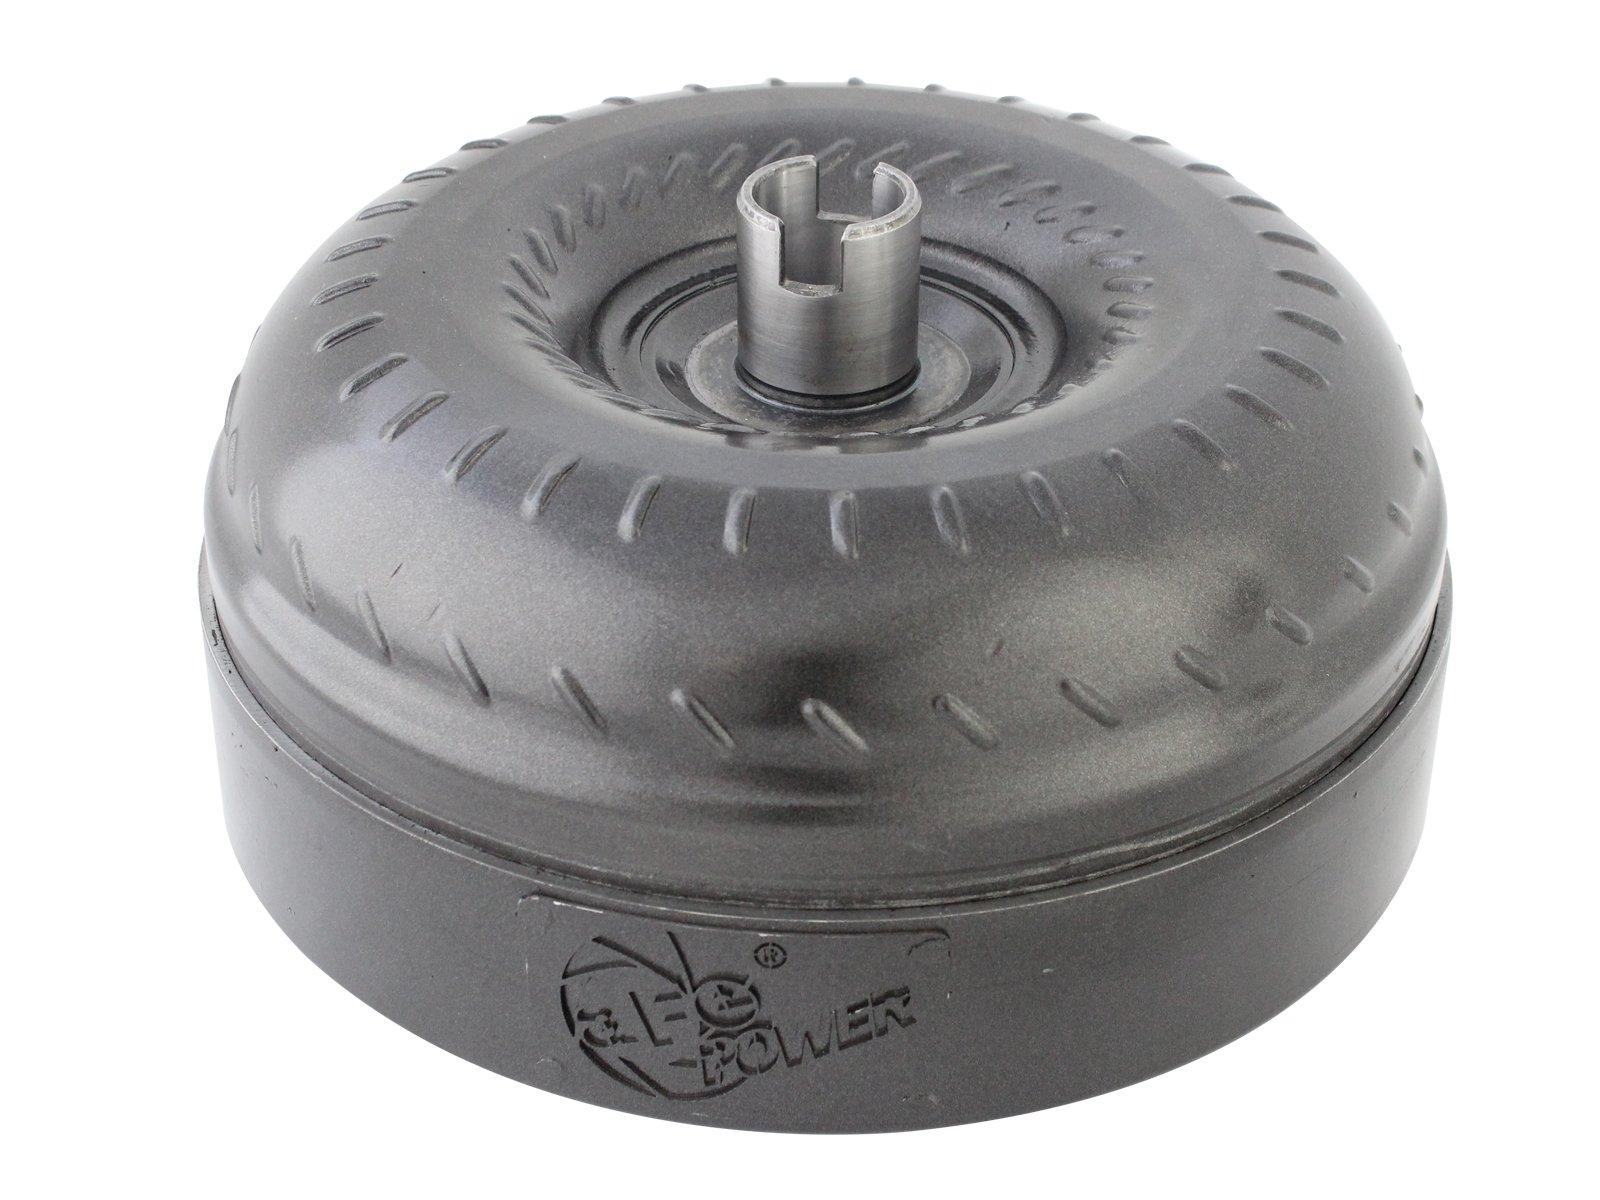 aFe 43-12031 F3 Torque Converter for Dodge